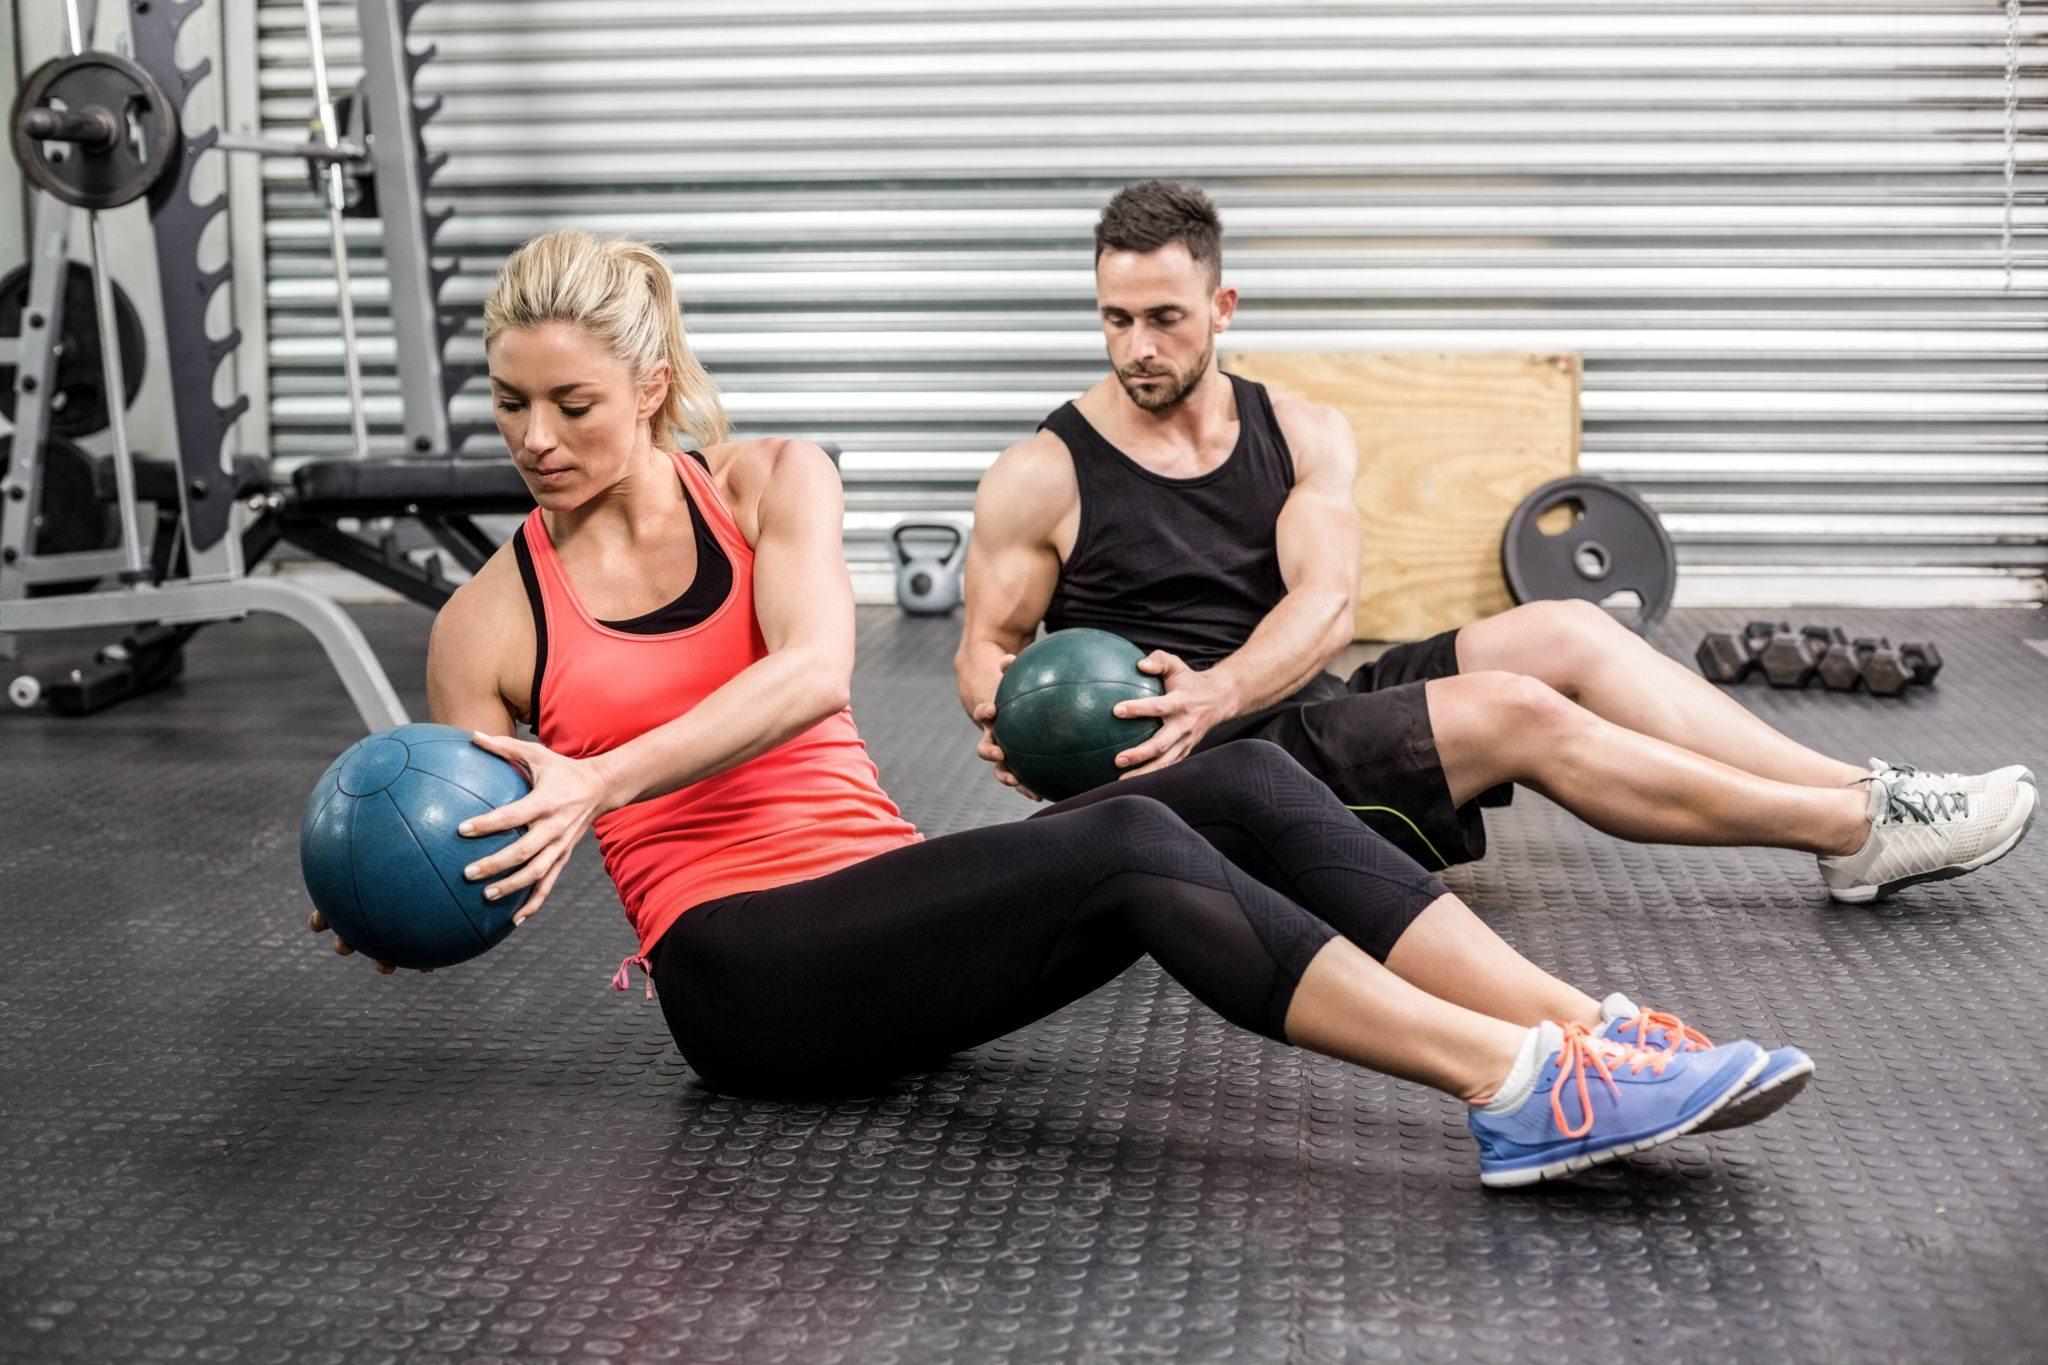 Модная спортивная одежда 2020: 5 трендов для фитнеса | trendy-u